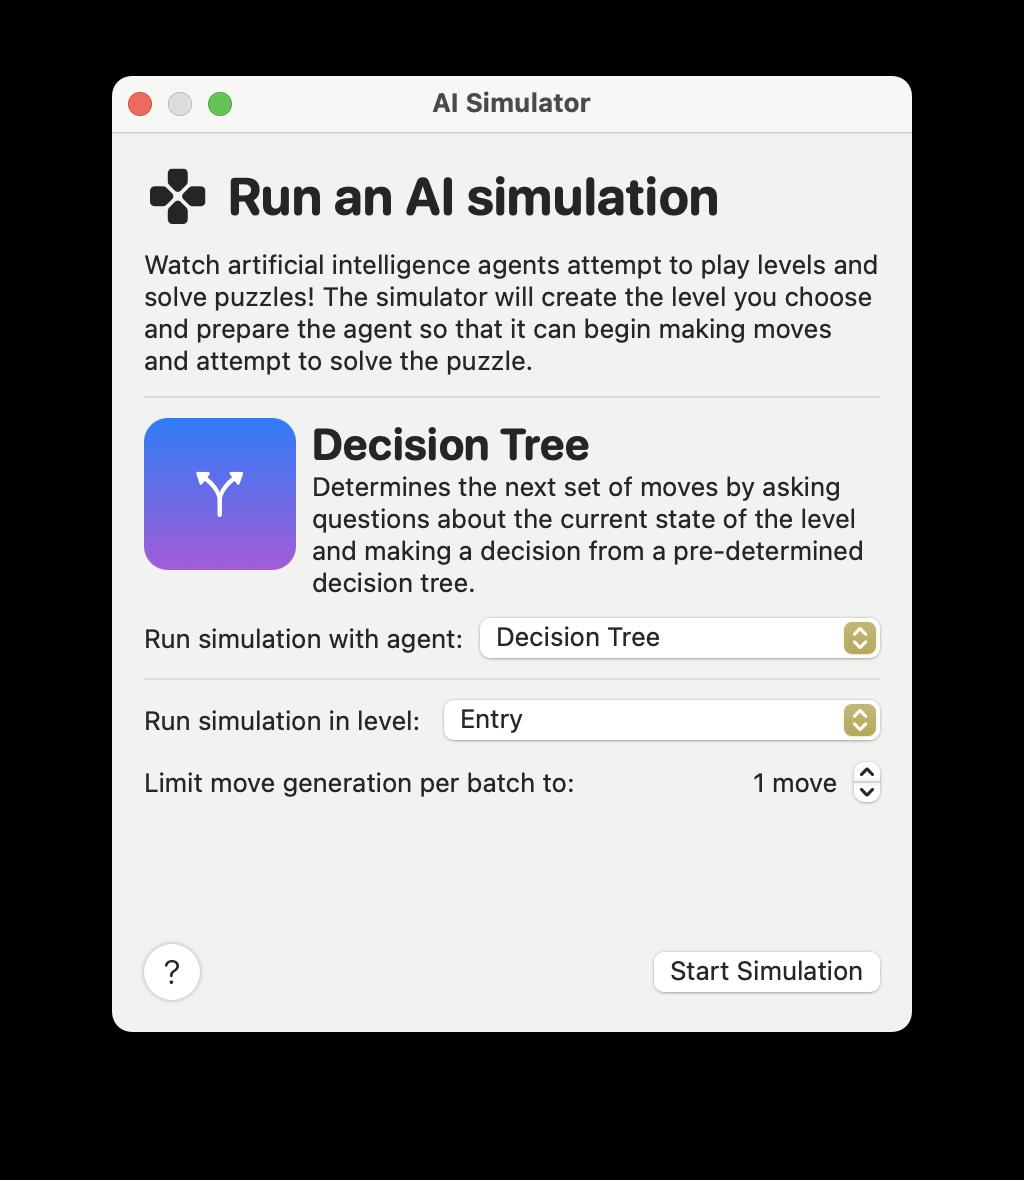 AI Simulator Tool